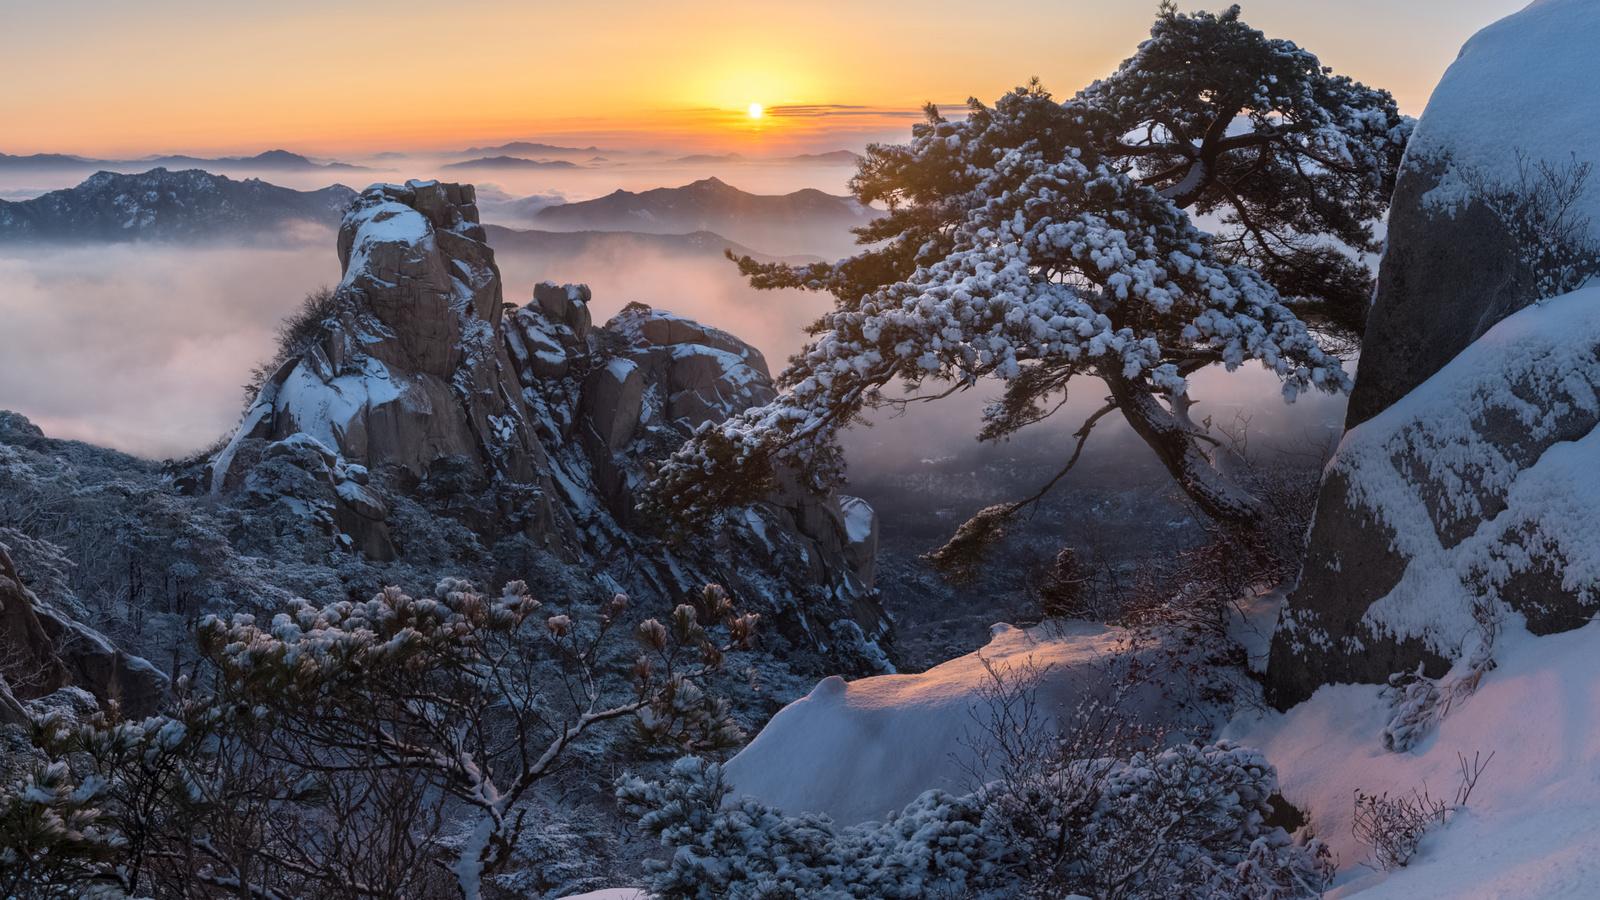 зима, облака, снег, деревья, пейзаж, горы, природа, туман, восход, скалы, рассвет, утро, сосны, корея, заповедник, jae youn ryu, пукхансан